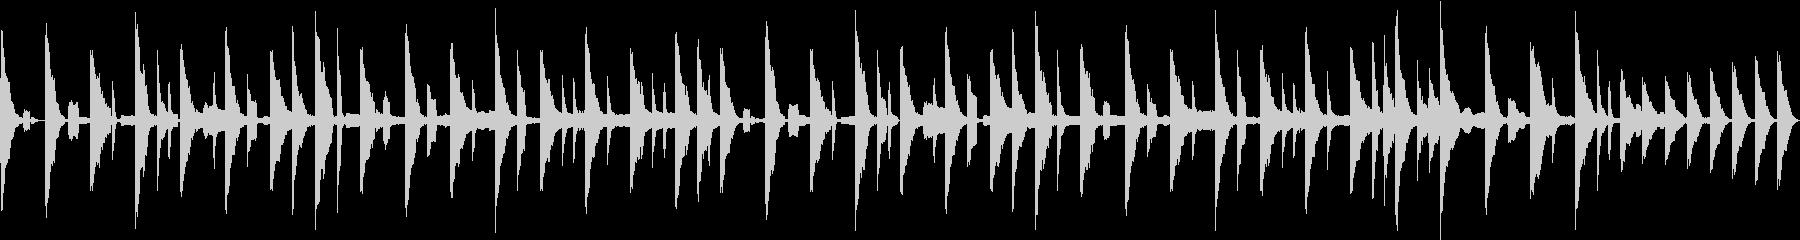 野球337拍子的イメージの未再生の波形